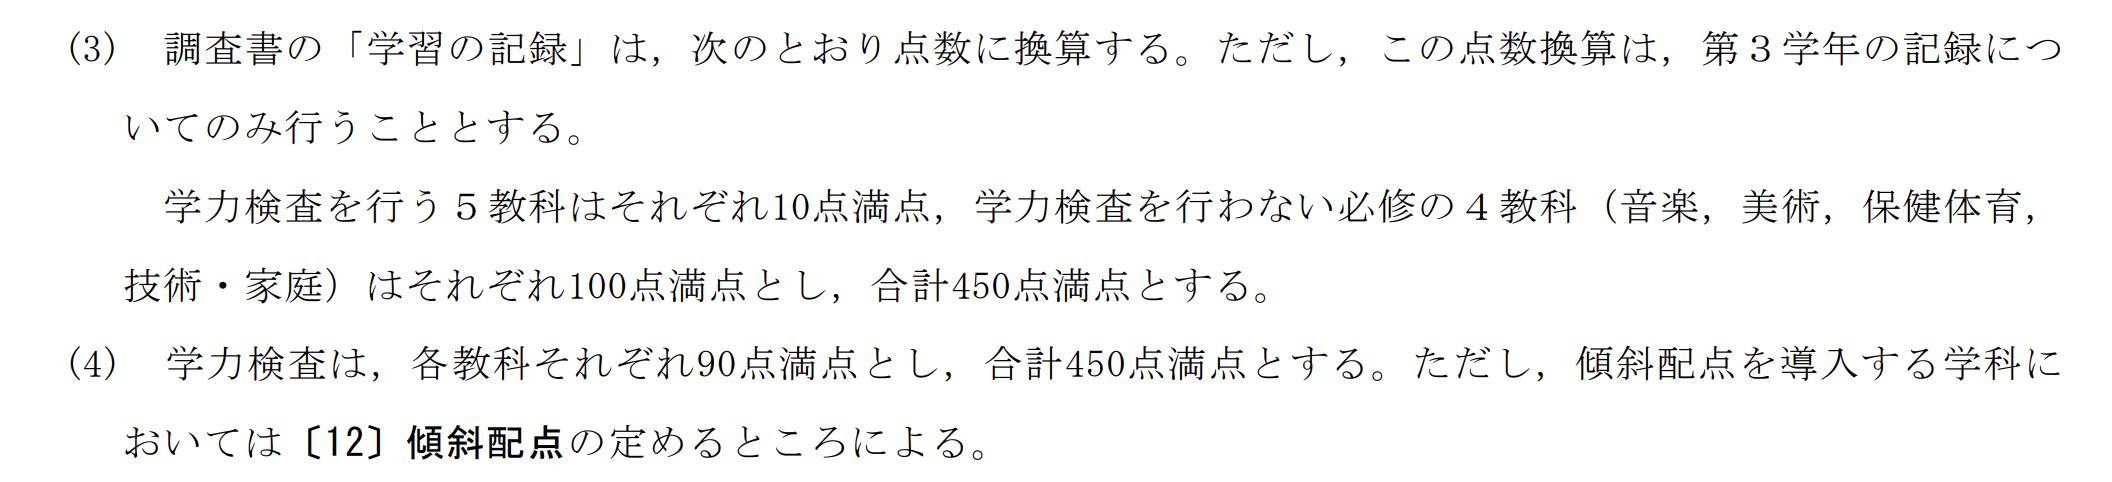 鹿児島県公立高校入試、一般選抜